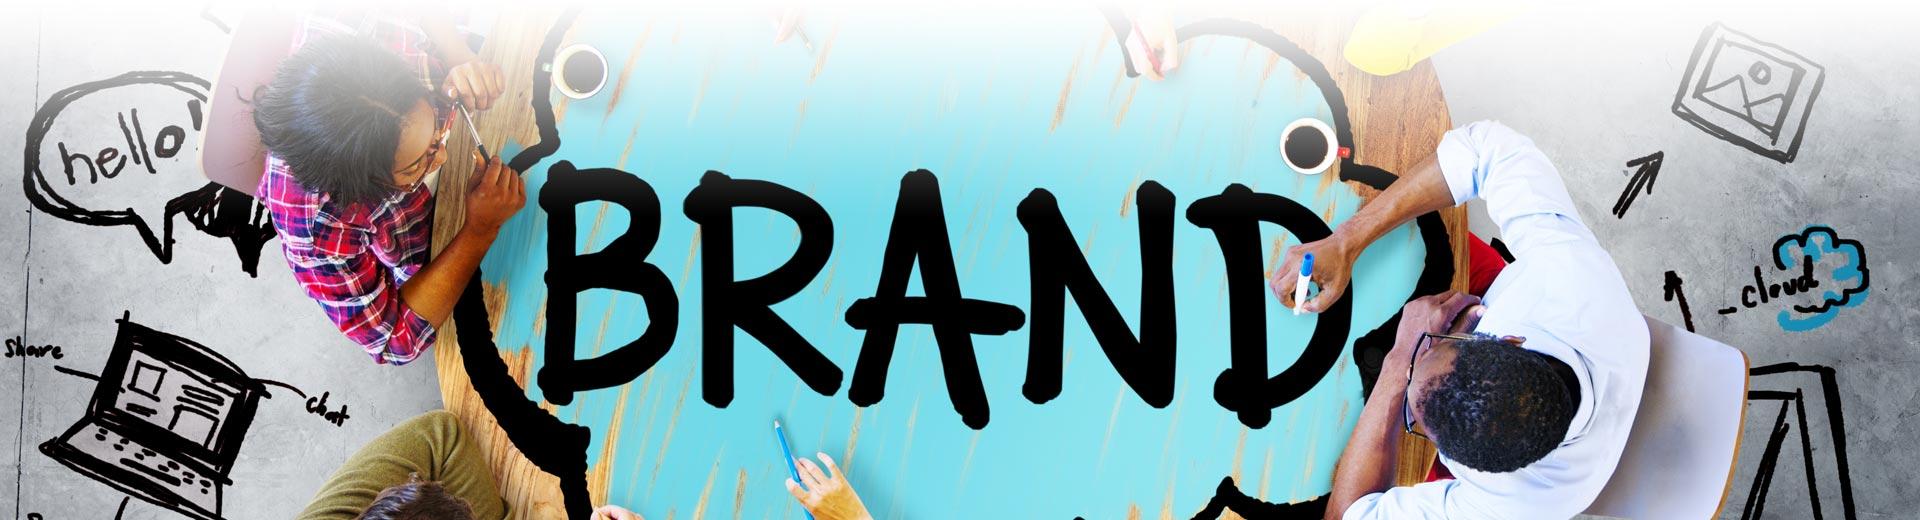 Ποια τα οφέλη του branding στις επιχειρήσεις